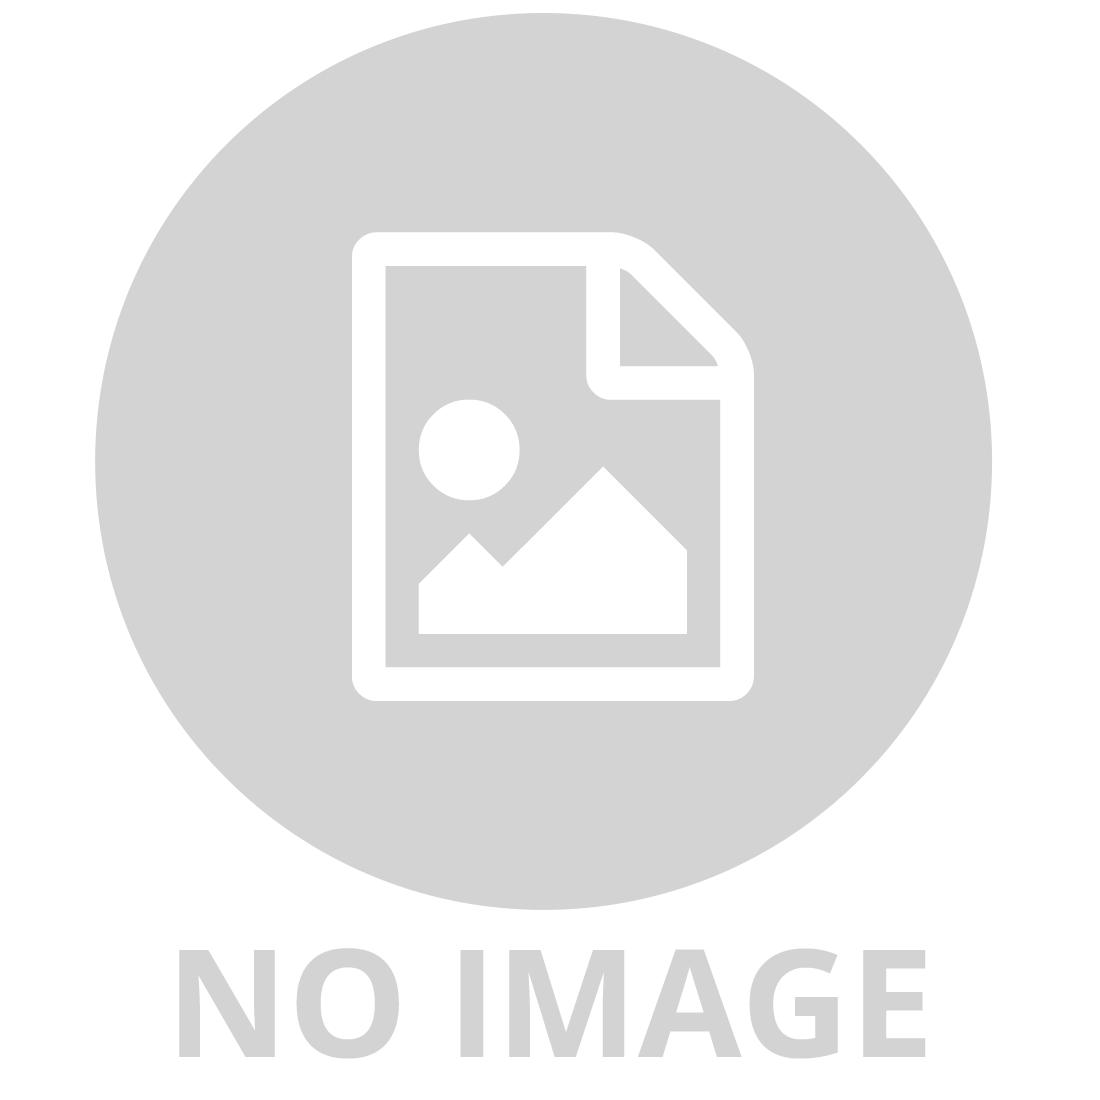 LEGO MARVEL 76115 SPIDER MECH VS VENOM